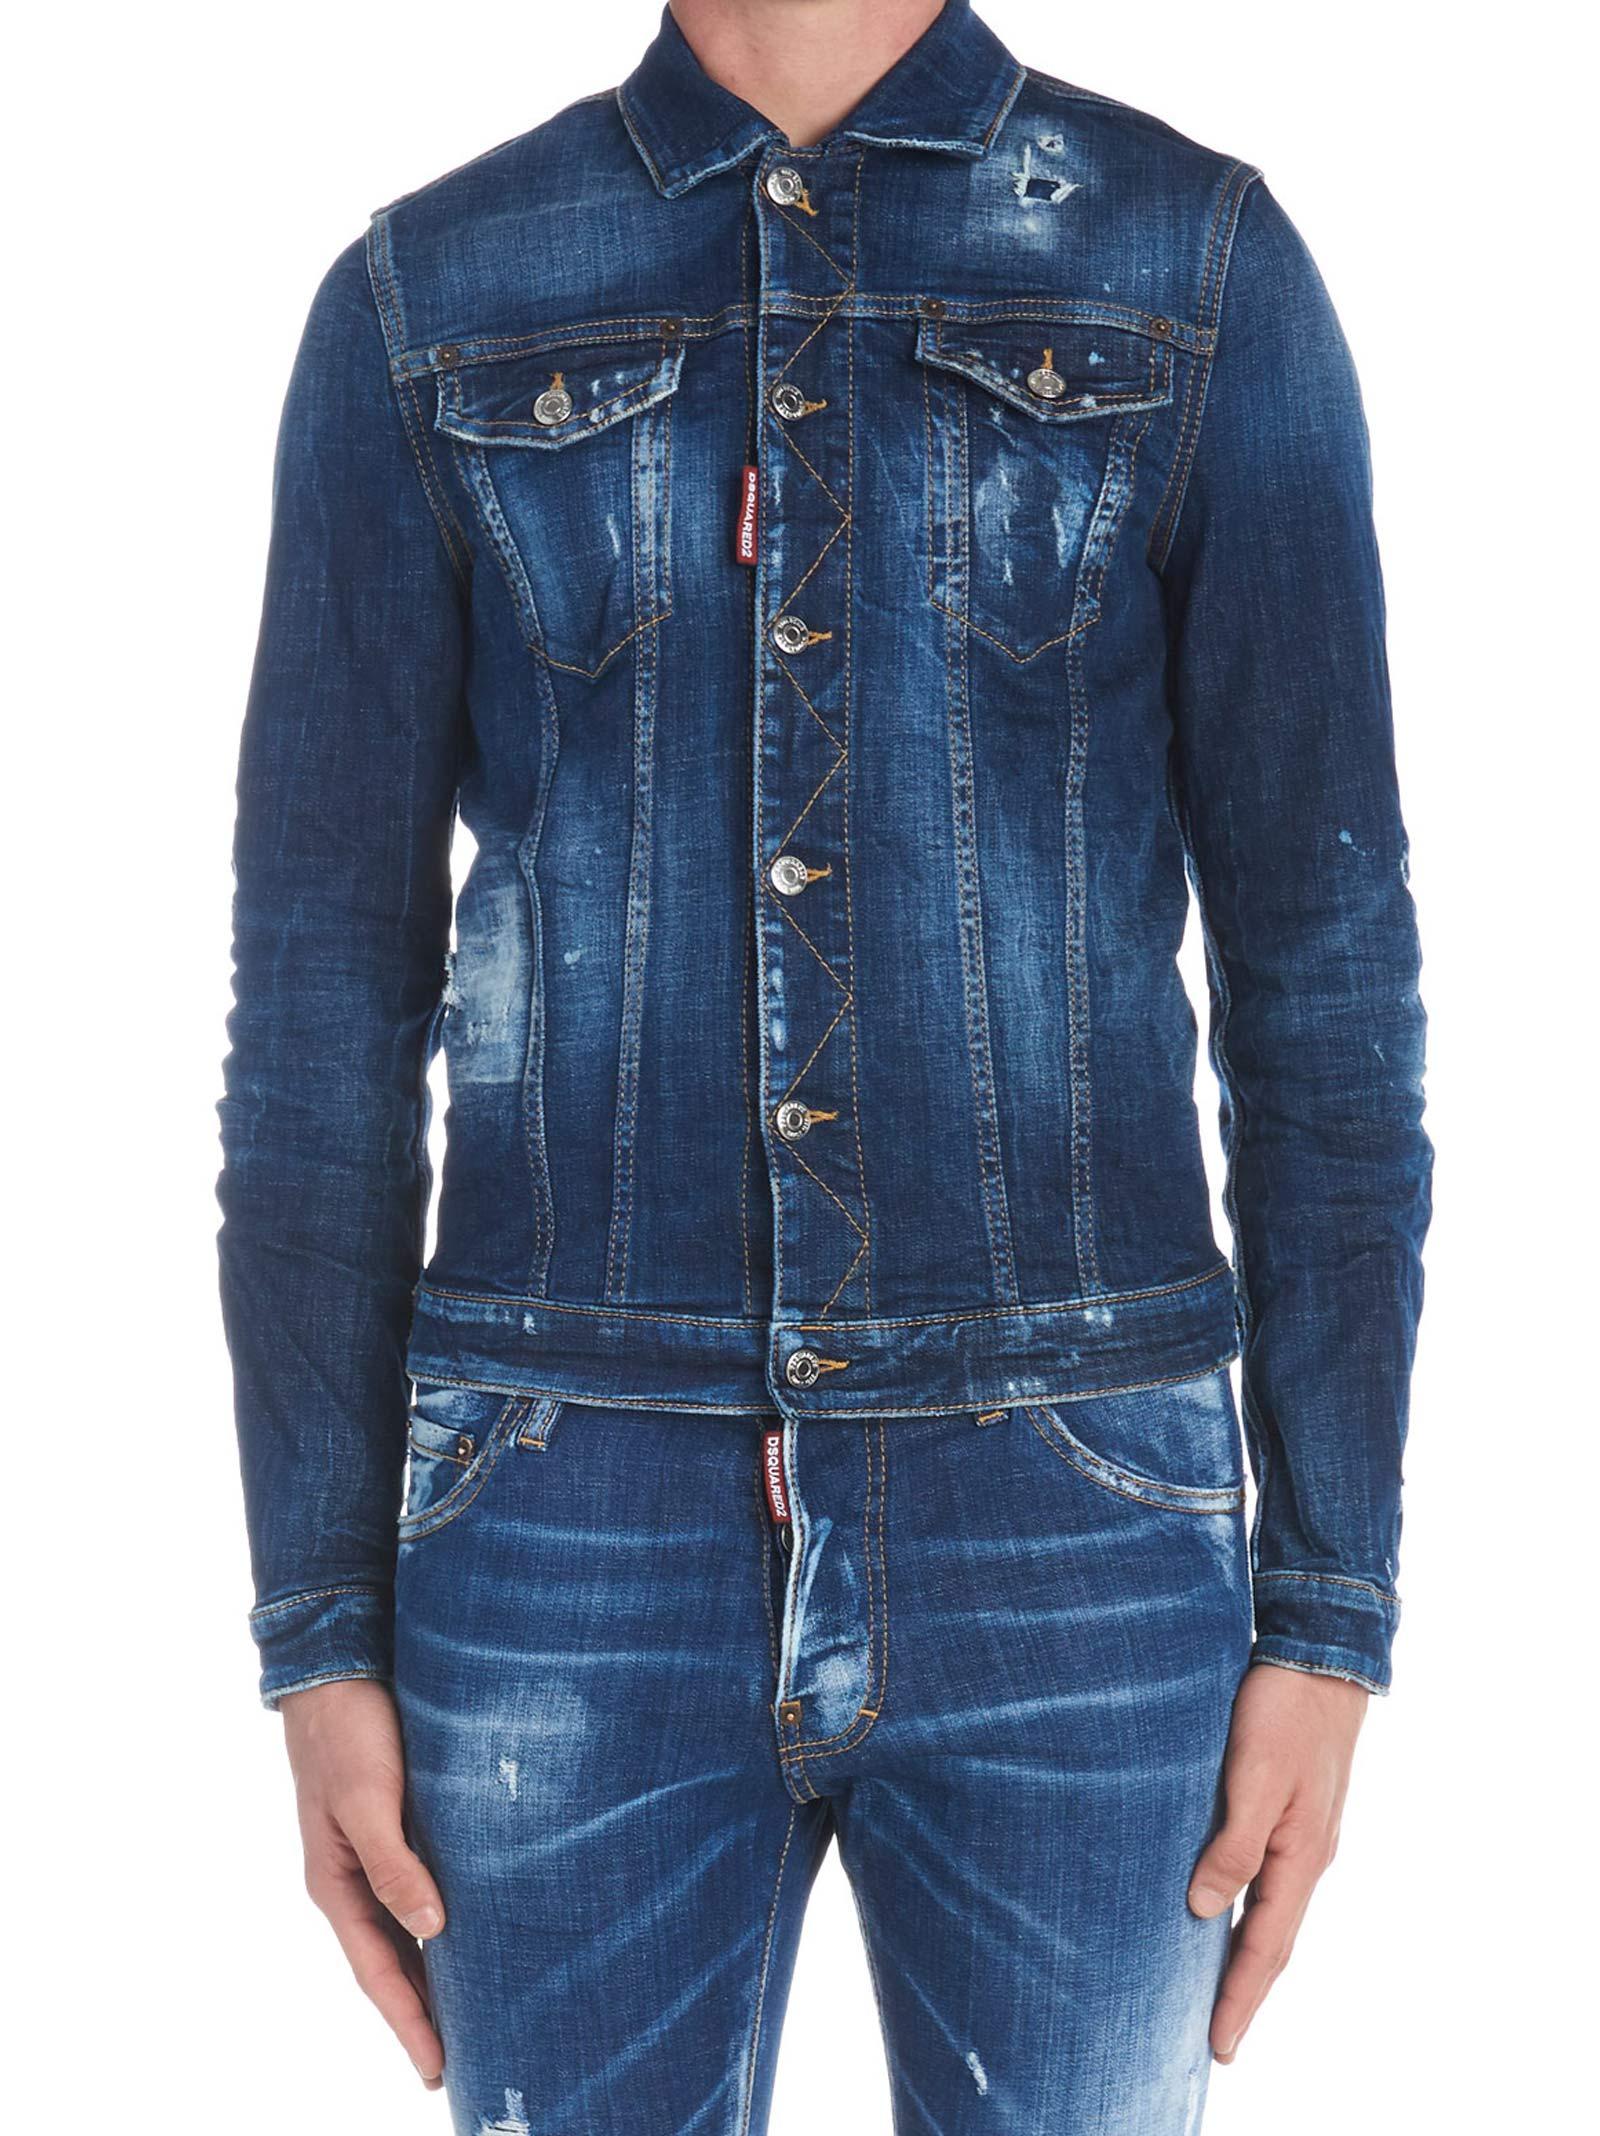 f9eeb395277 Dsquared2 Dsquared2  classic Jean  Jacket - Blue - 10787529